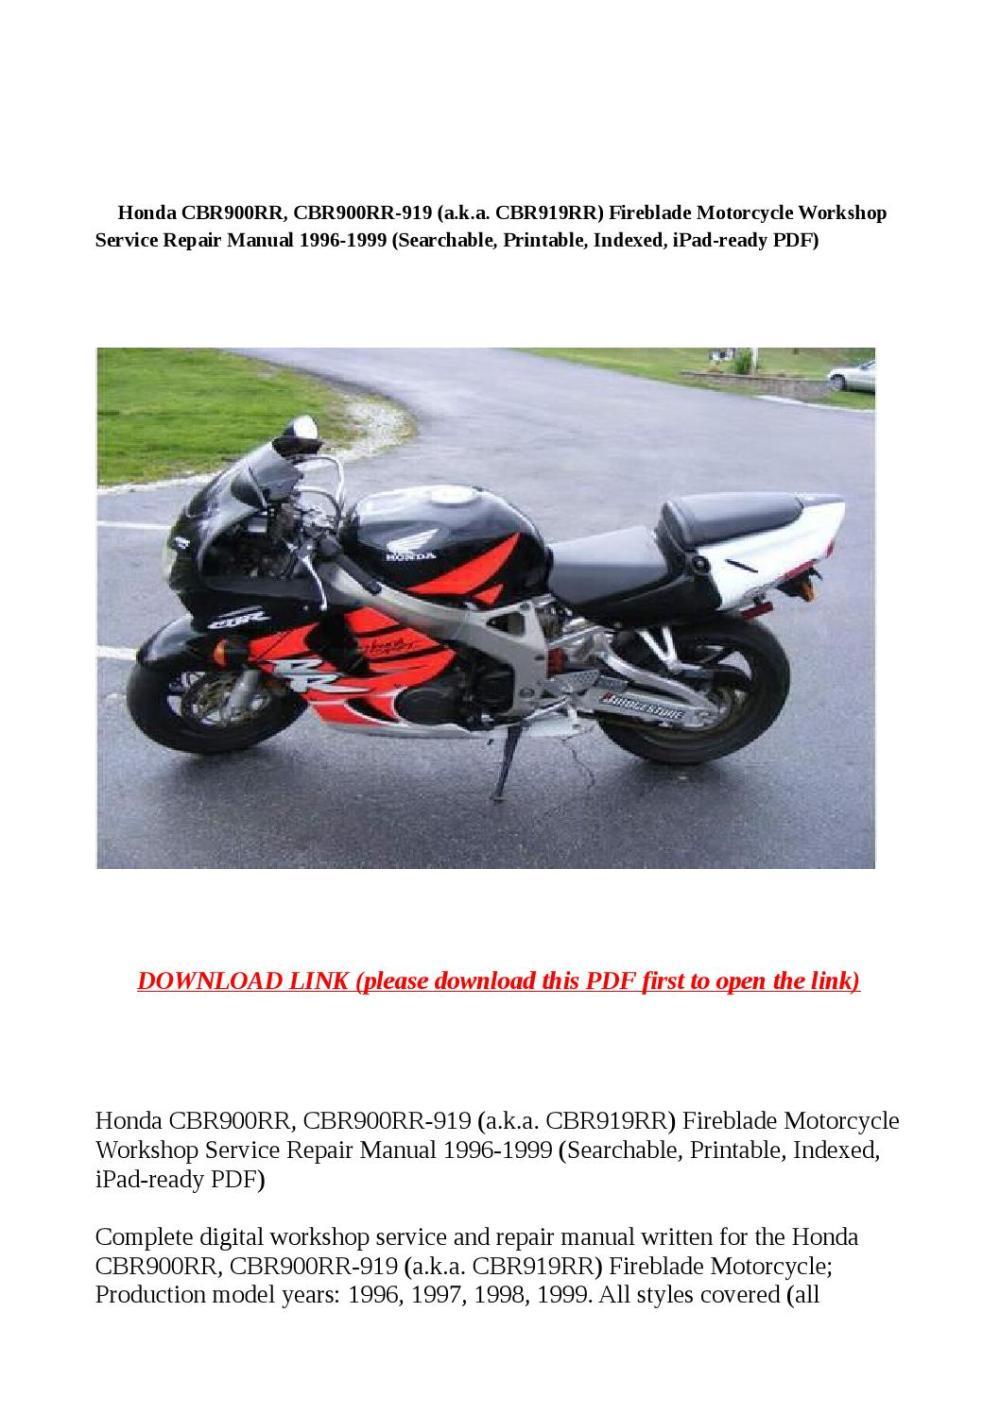 medium resolution of honda cbr900rr cbr900rr 919 a k a cbr919rr fireblade motorcycle workshop service repair manual 19